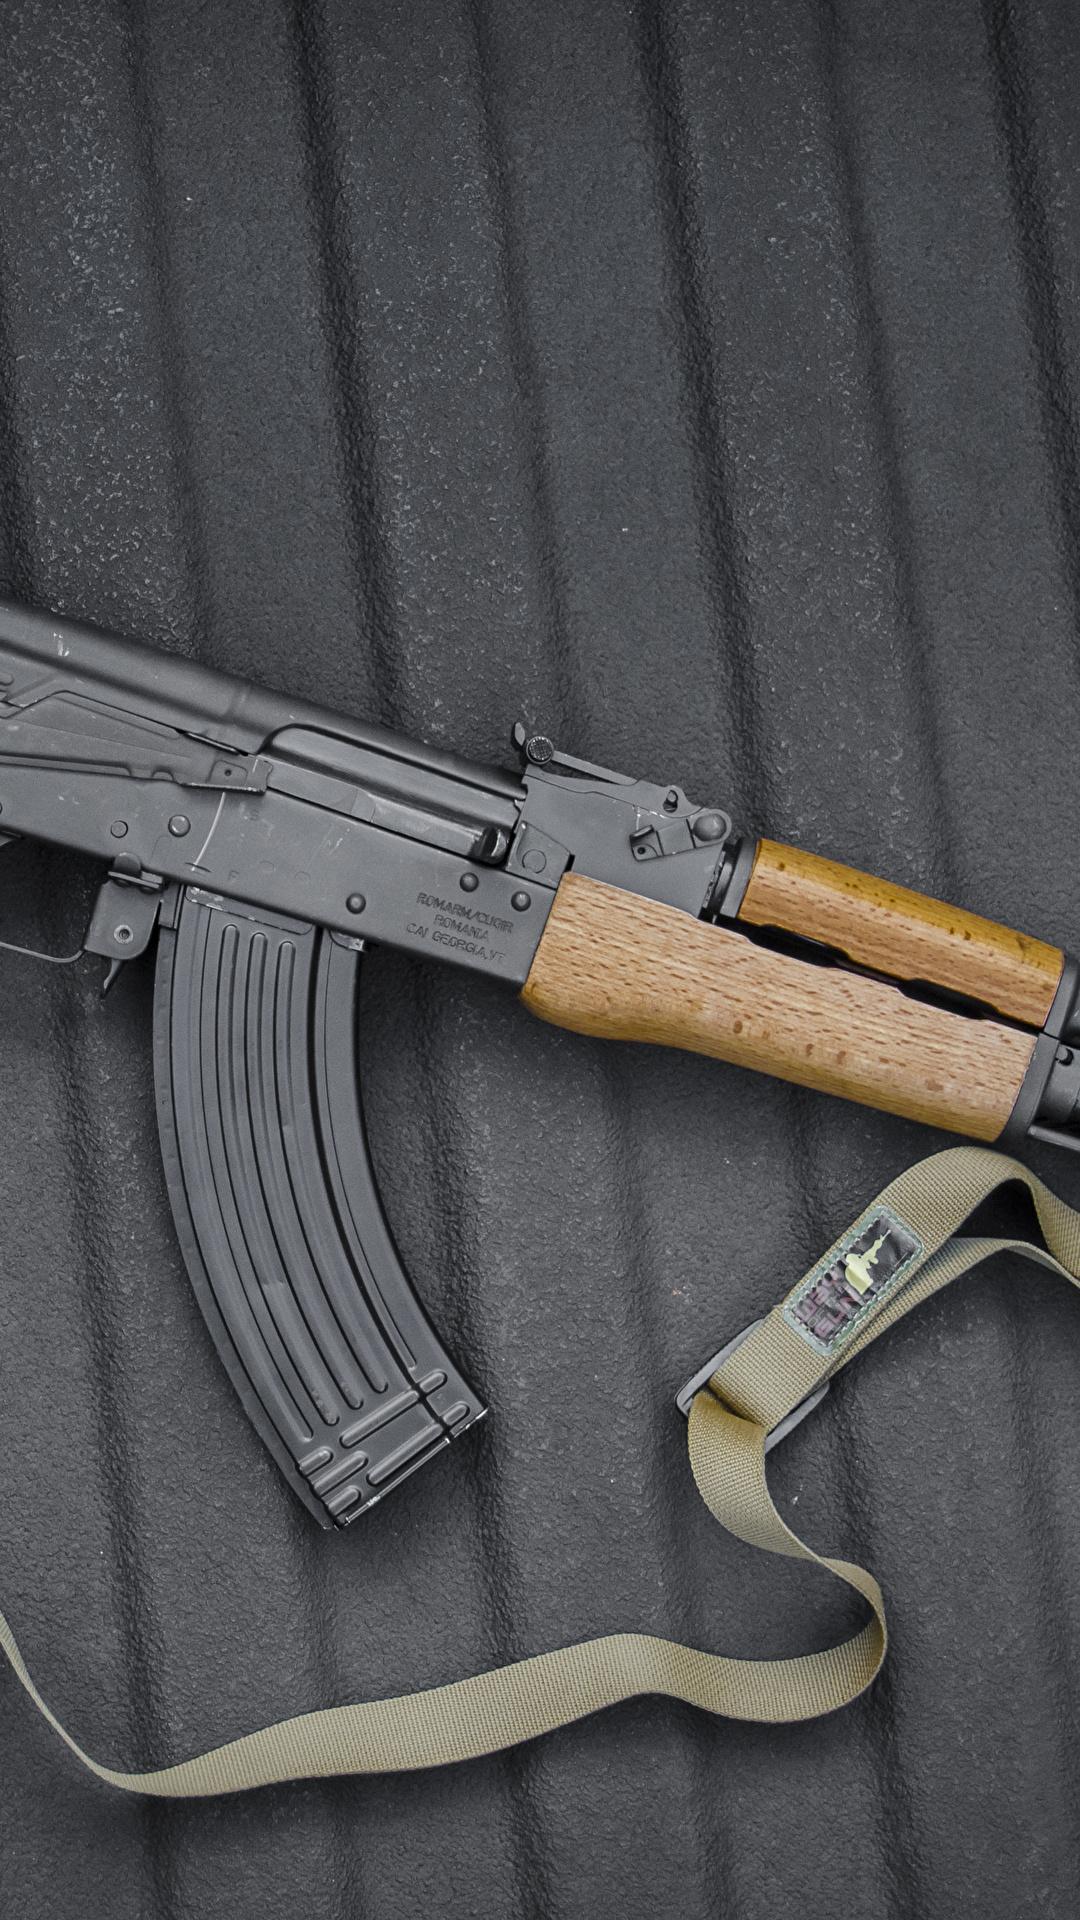 Fotos AK 47 Sturmgewehr Russische Heer 1080x1920 Kalaschnikow